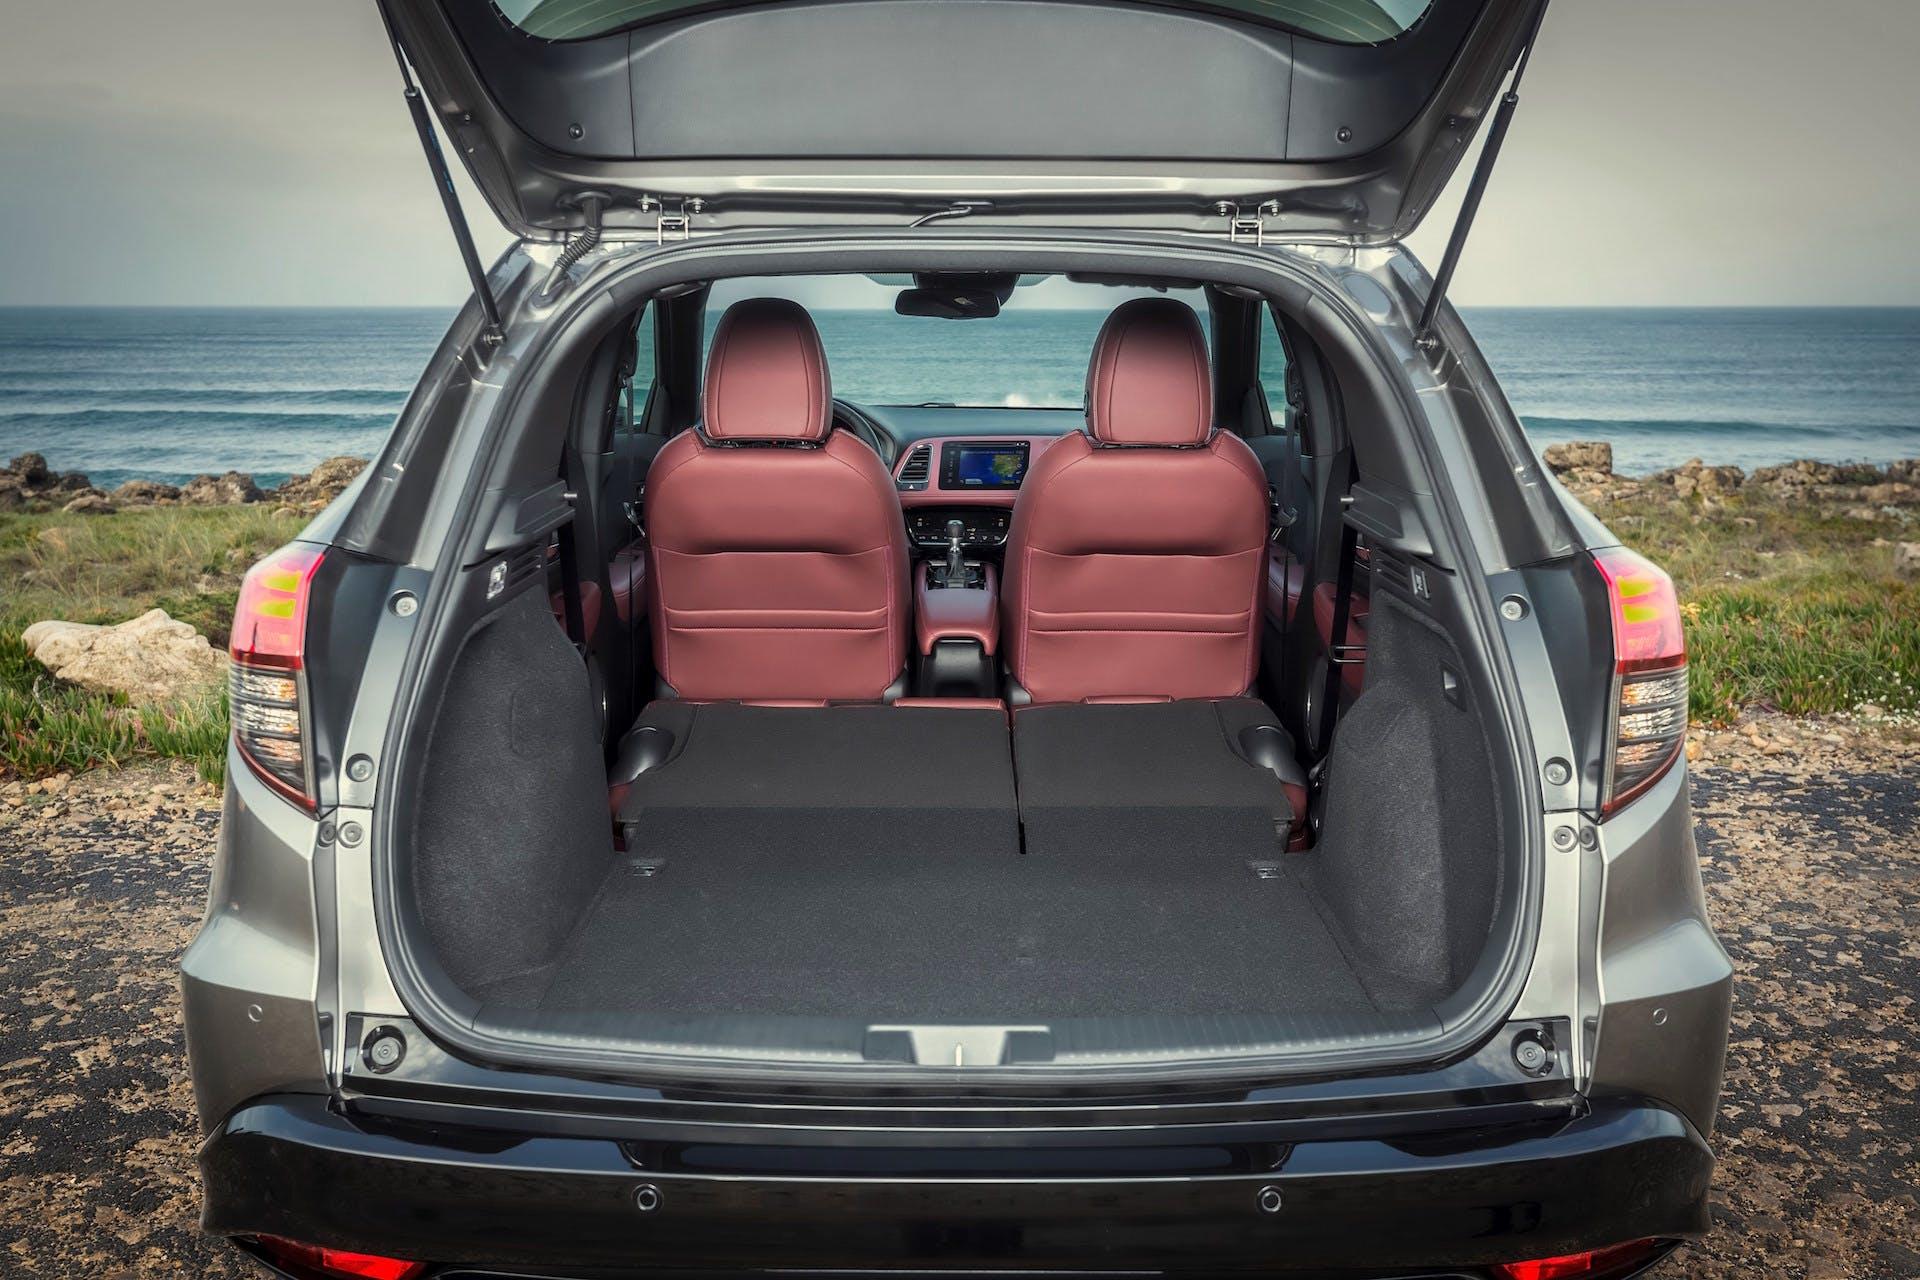 Honda HR-V auto baule sedili reclinabili capienza capacità pieno carico